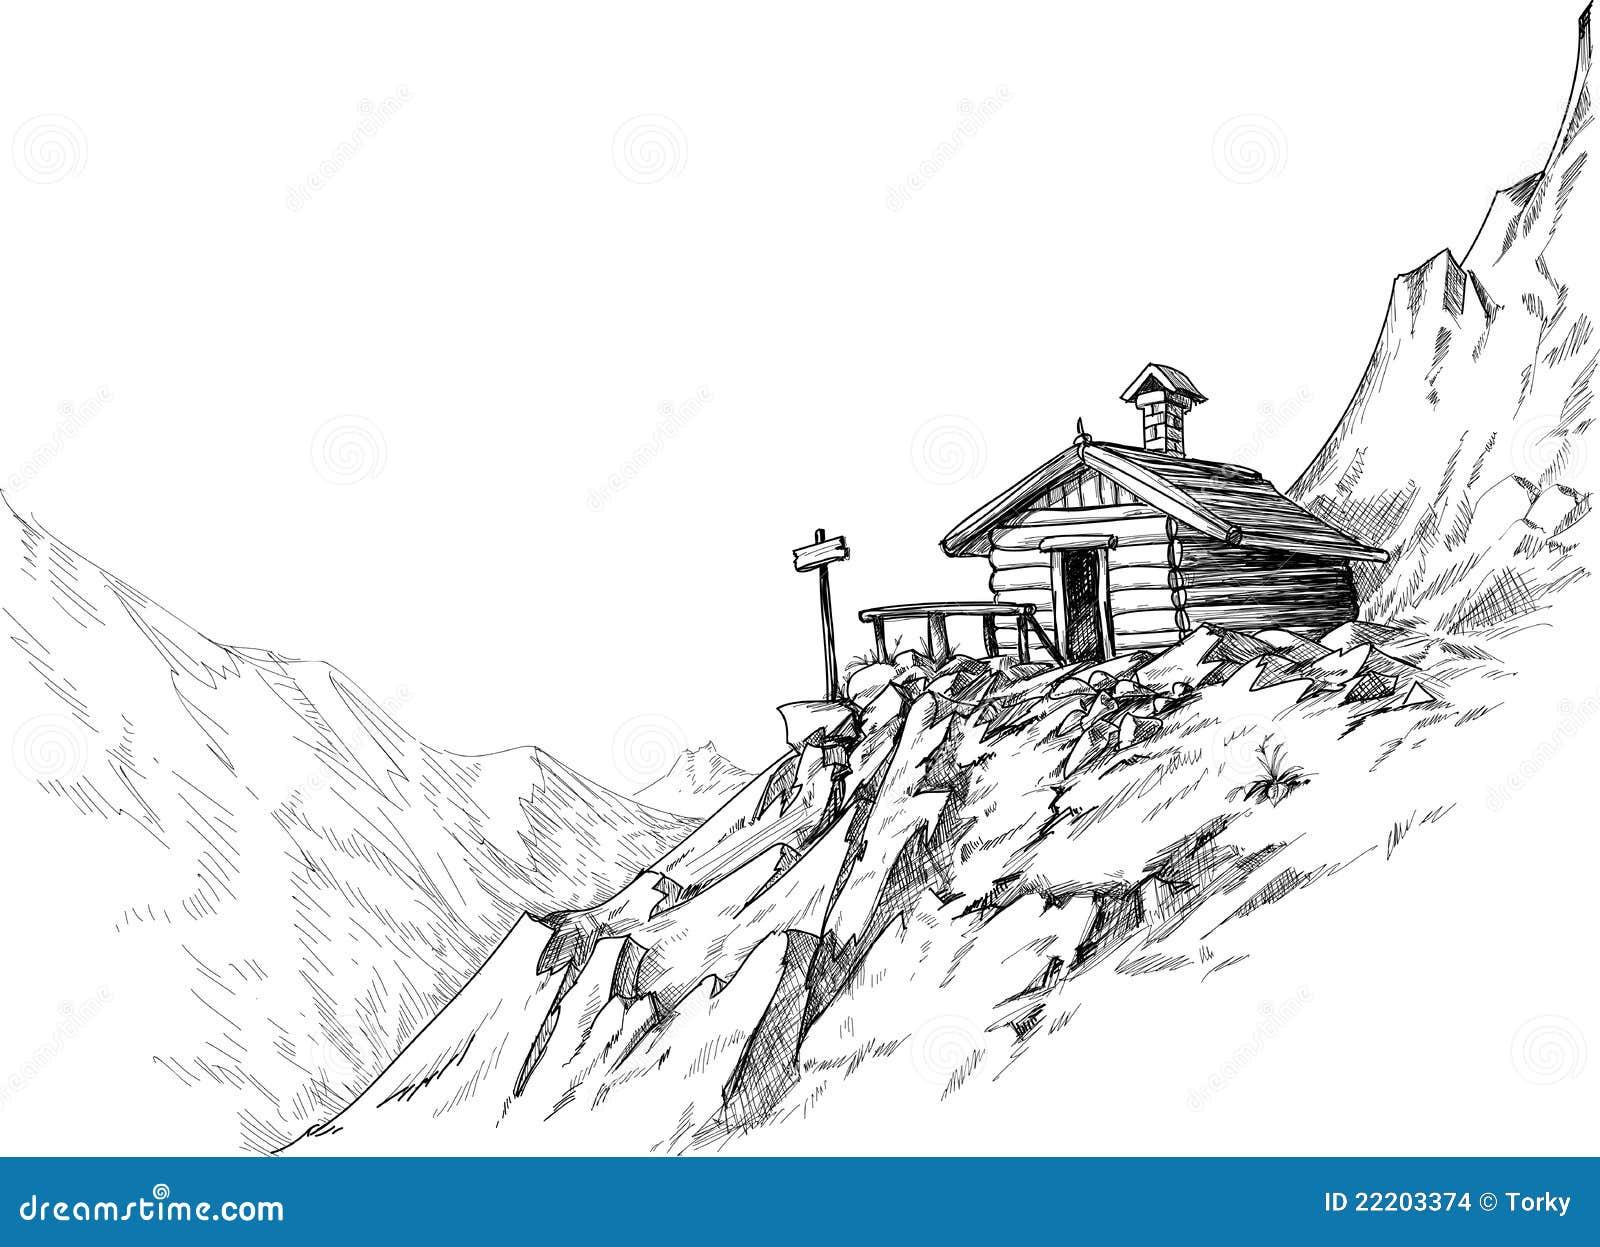 Croquis de hutte de montagne illustration de vecteur for Croquis de maison plan de maison